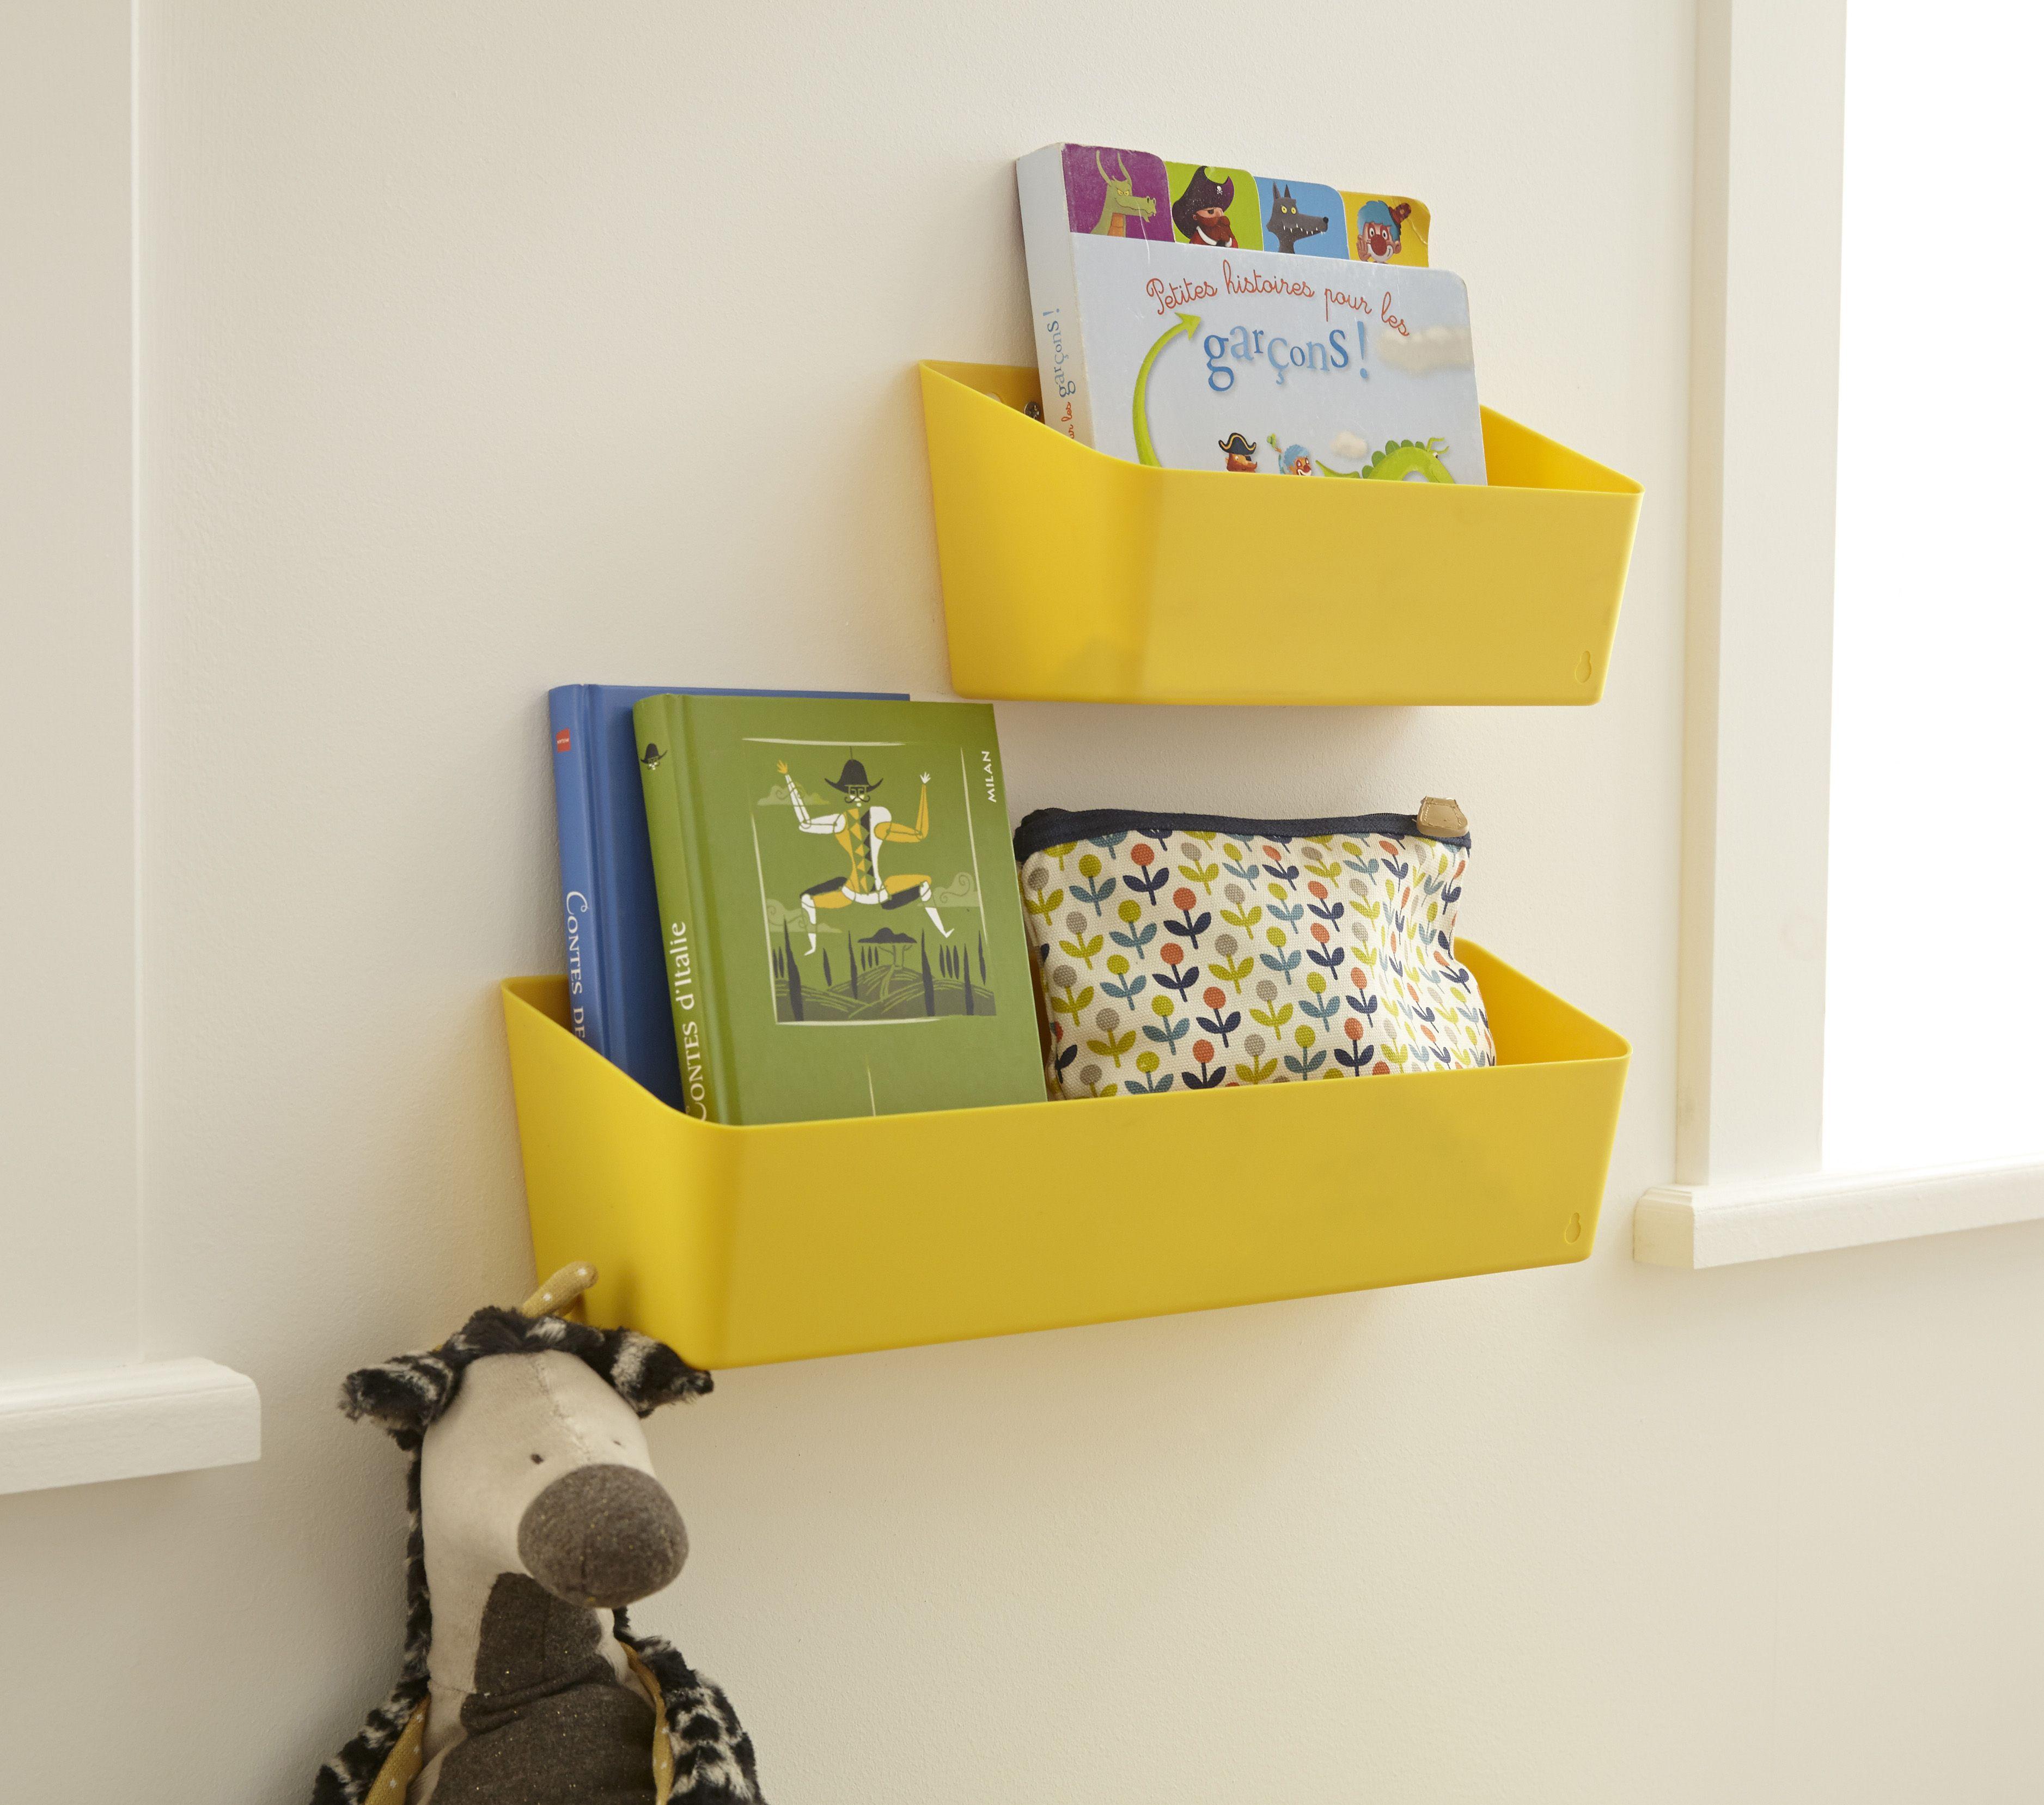 Des paniers jaunes  accrocher aux murs pour un rangement ludique